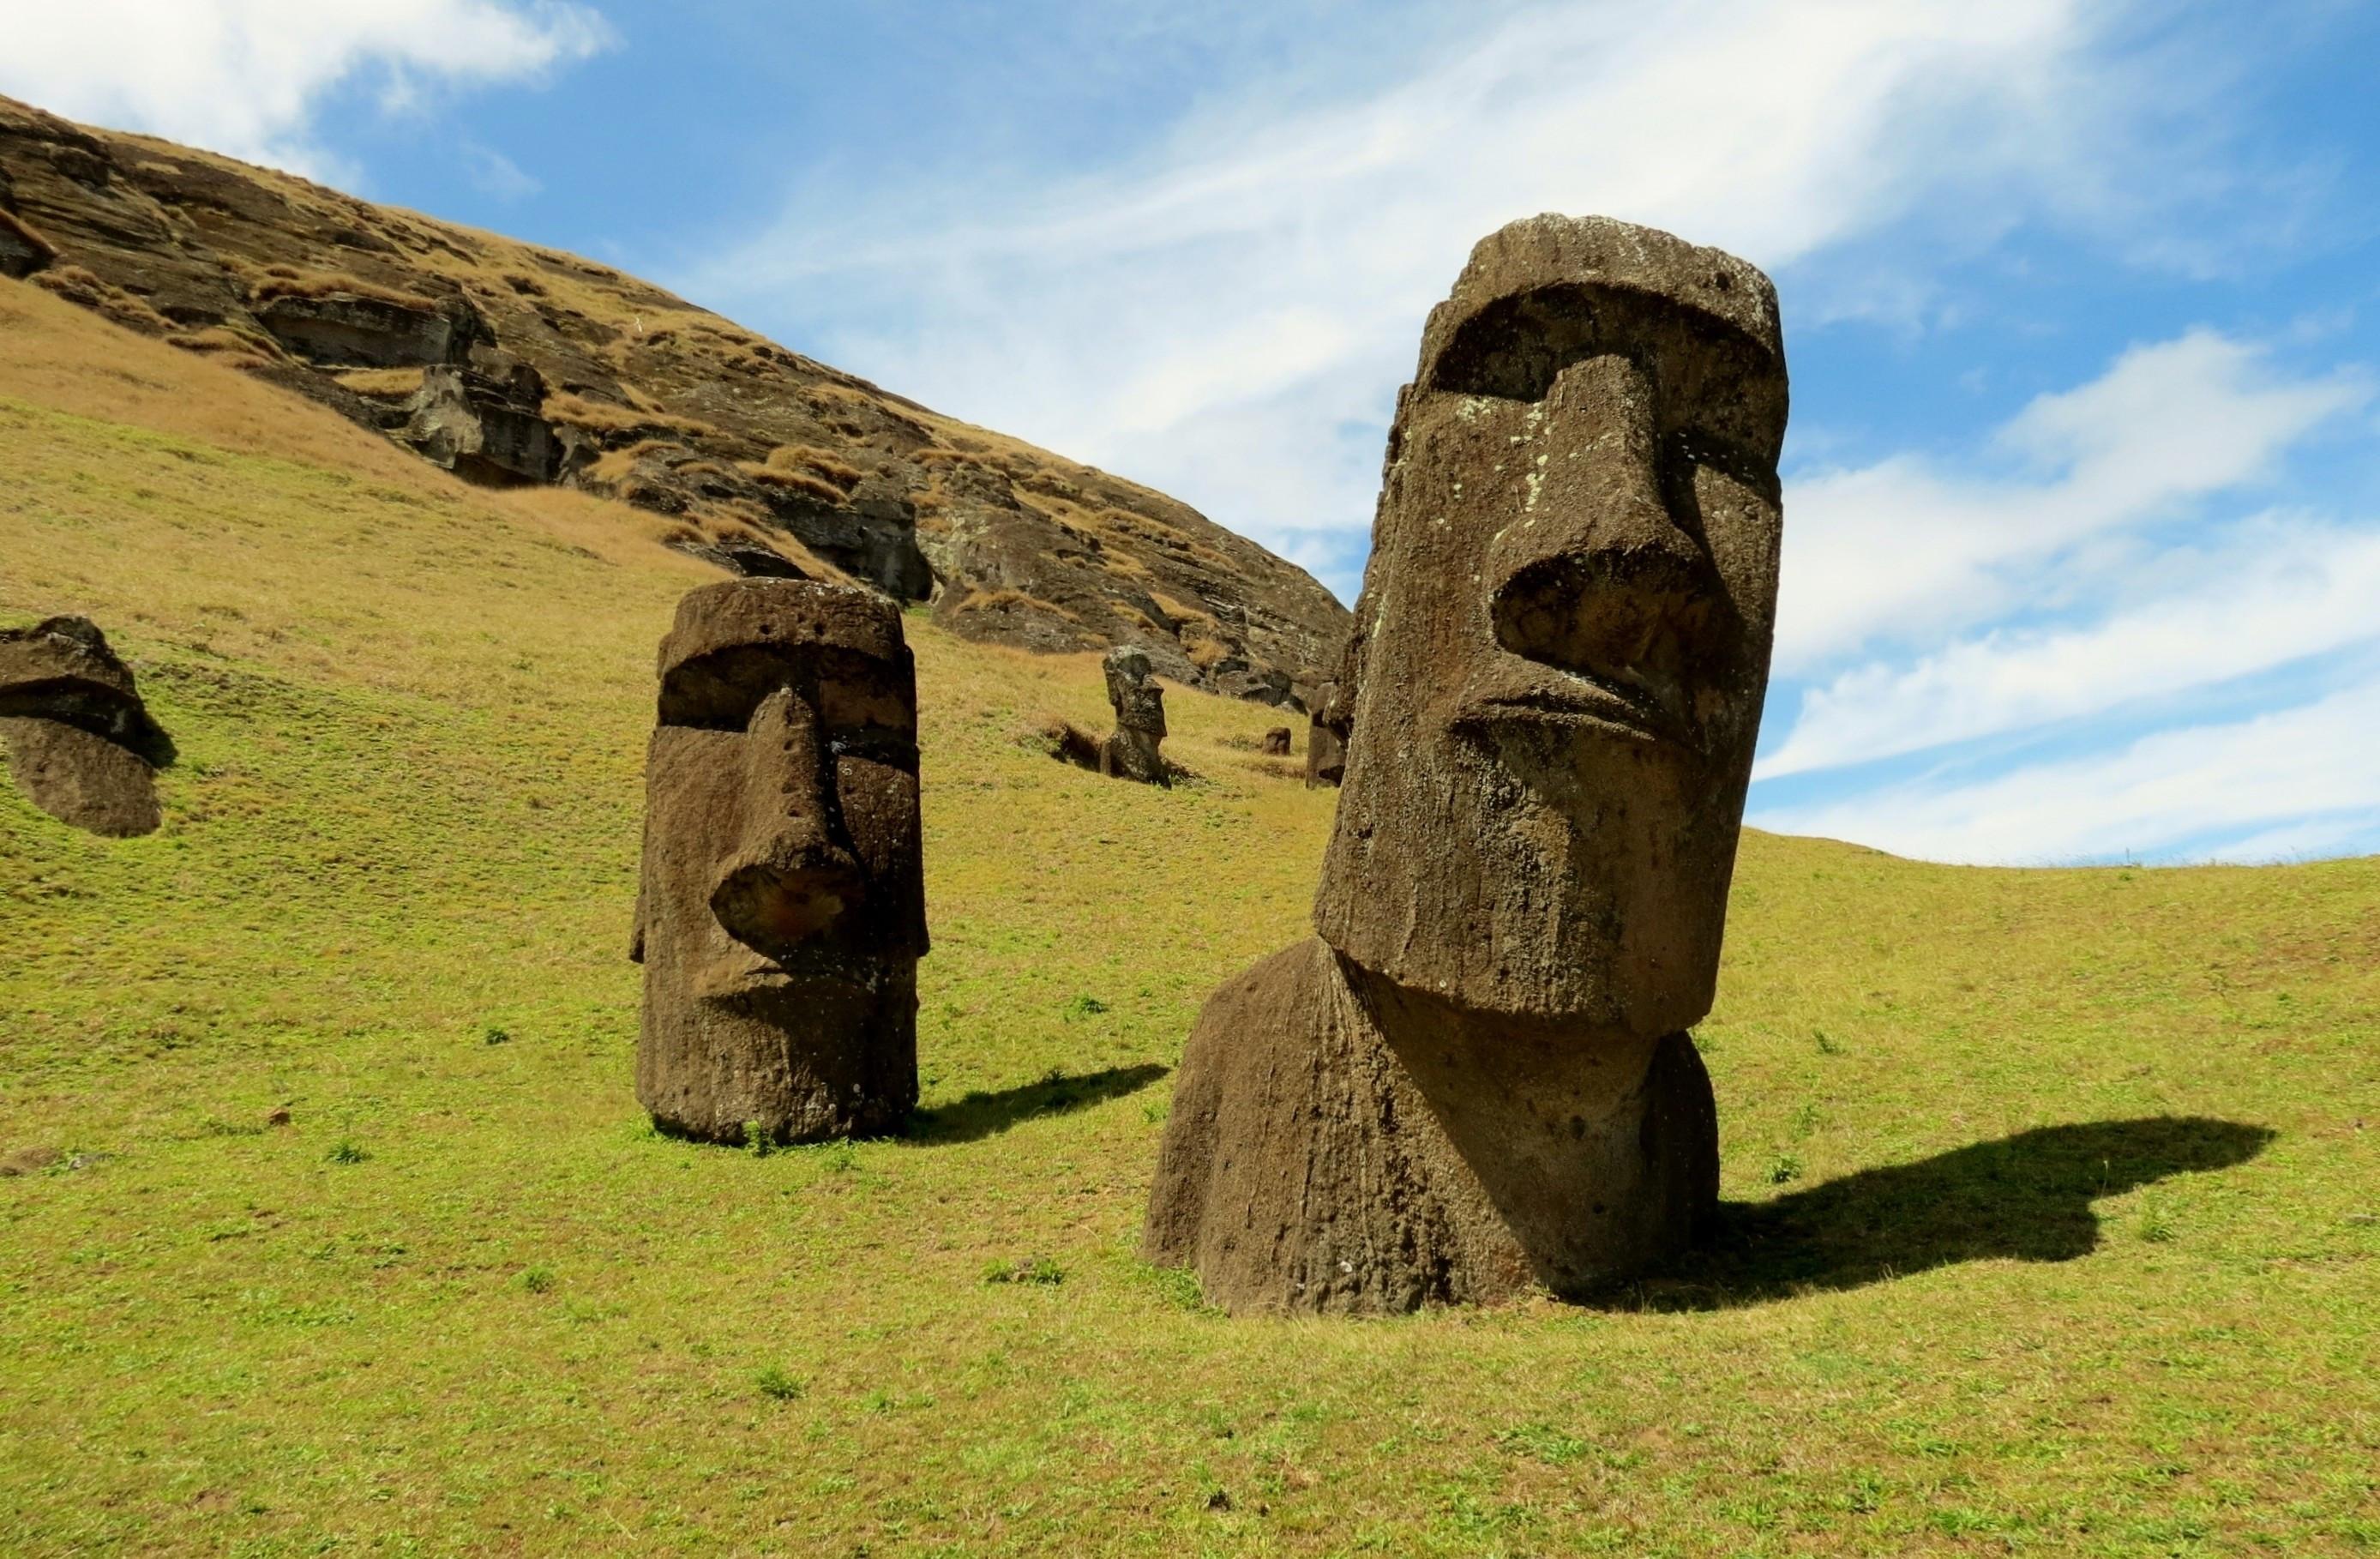 Descubra os segredos dos mais famosos monumentos do mundo